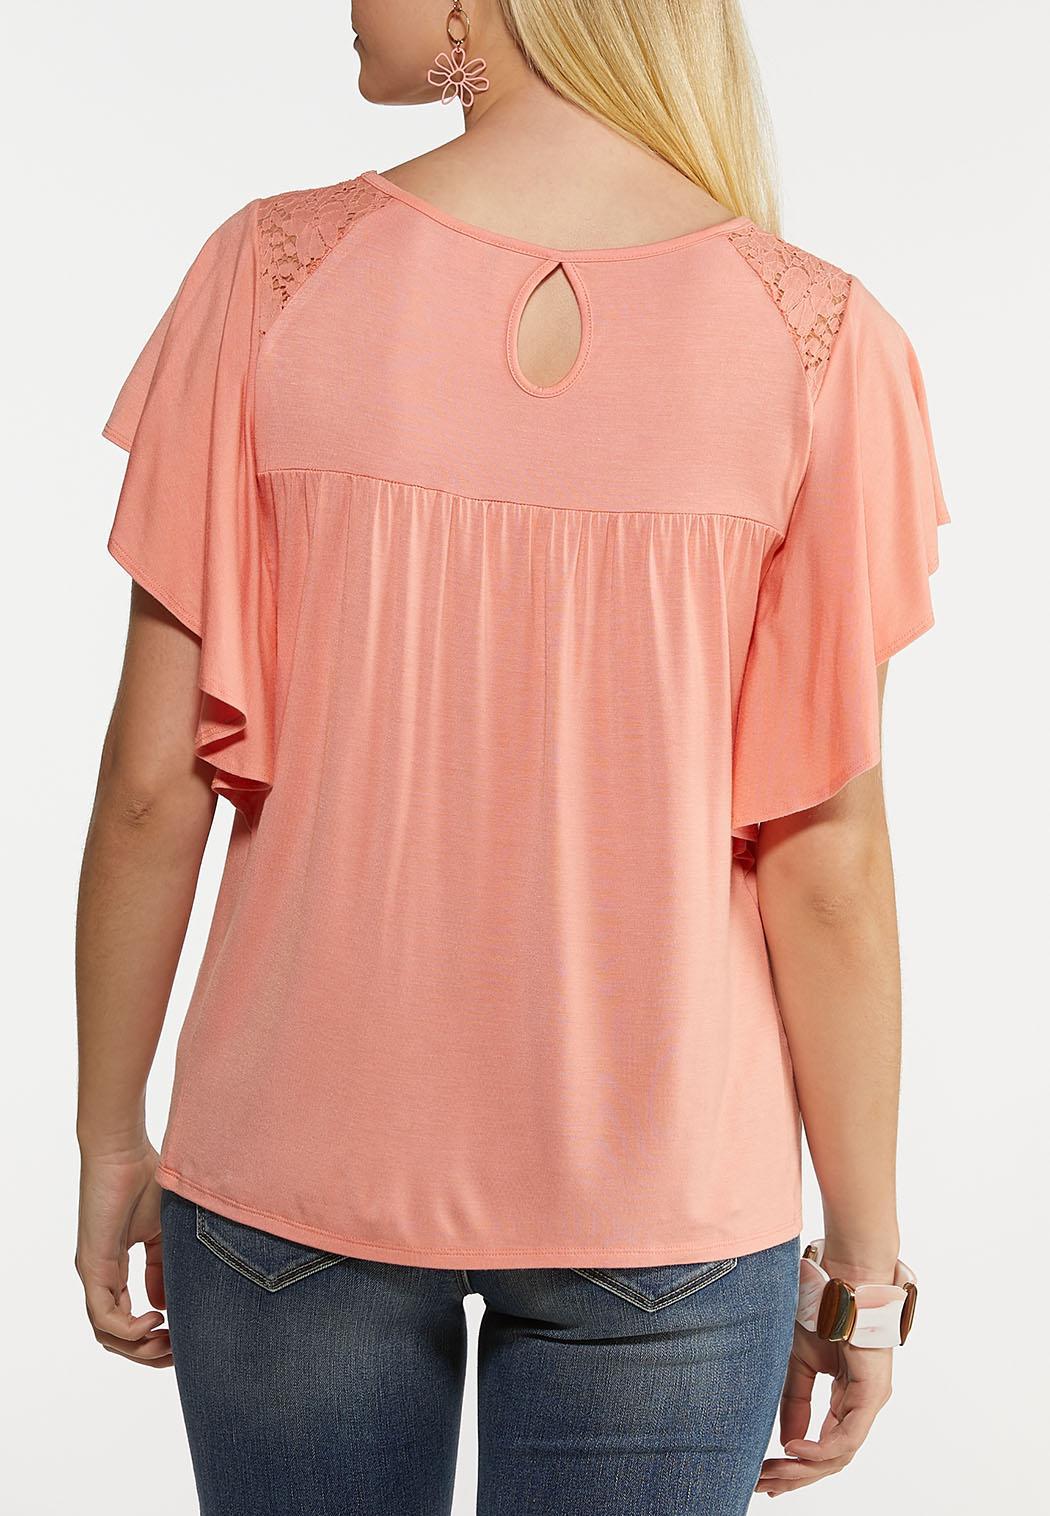 Smocked Flutter Sleeve Top (Item #44184316)